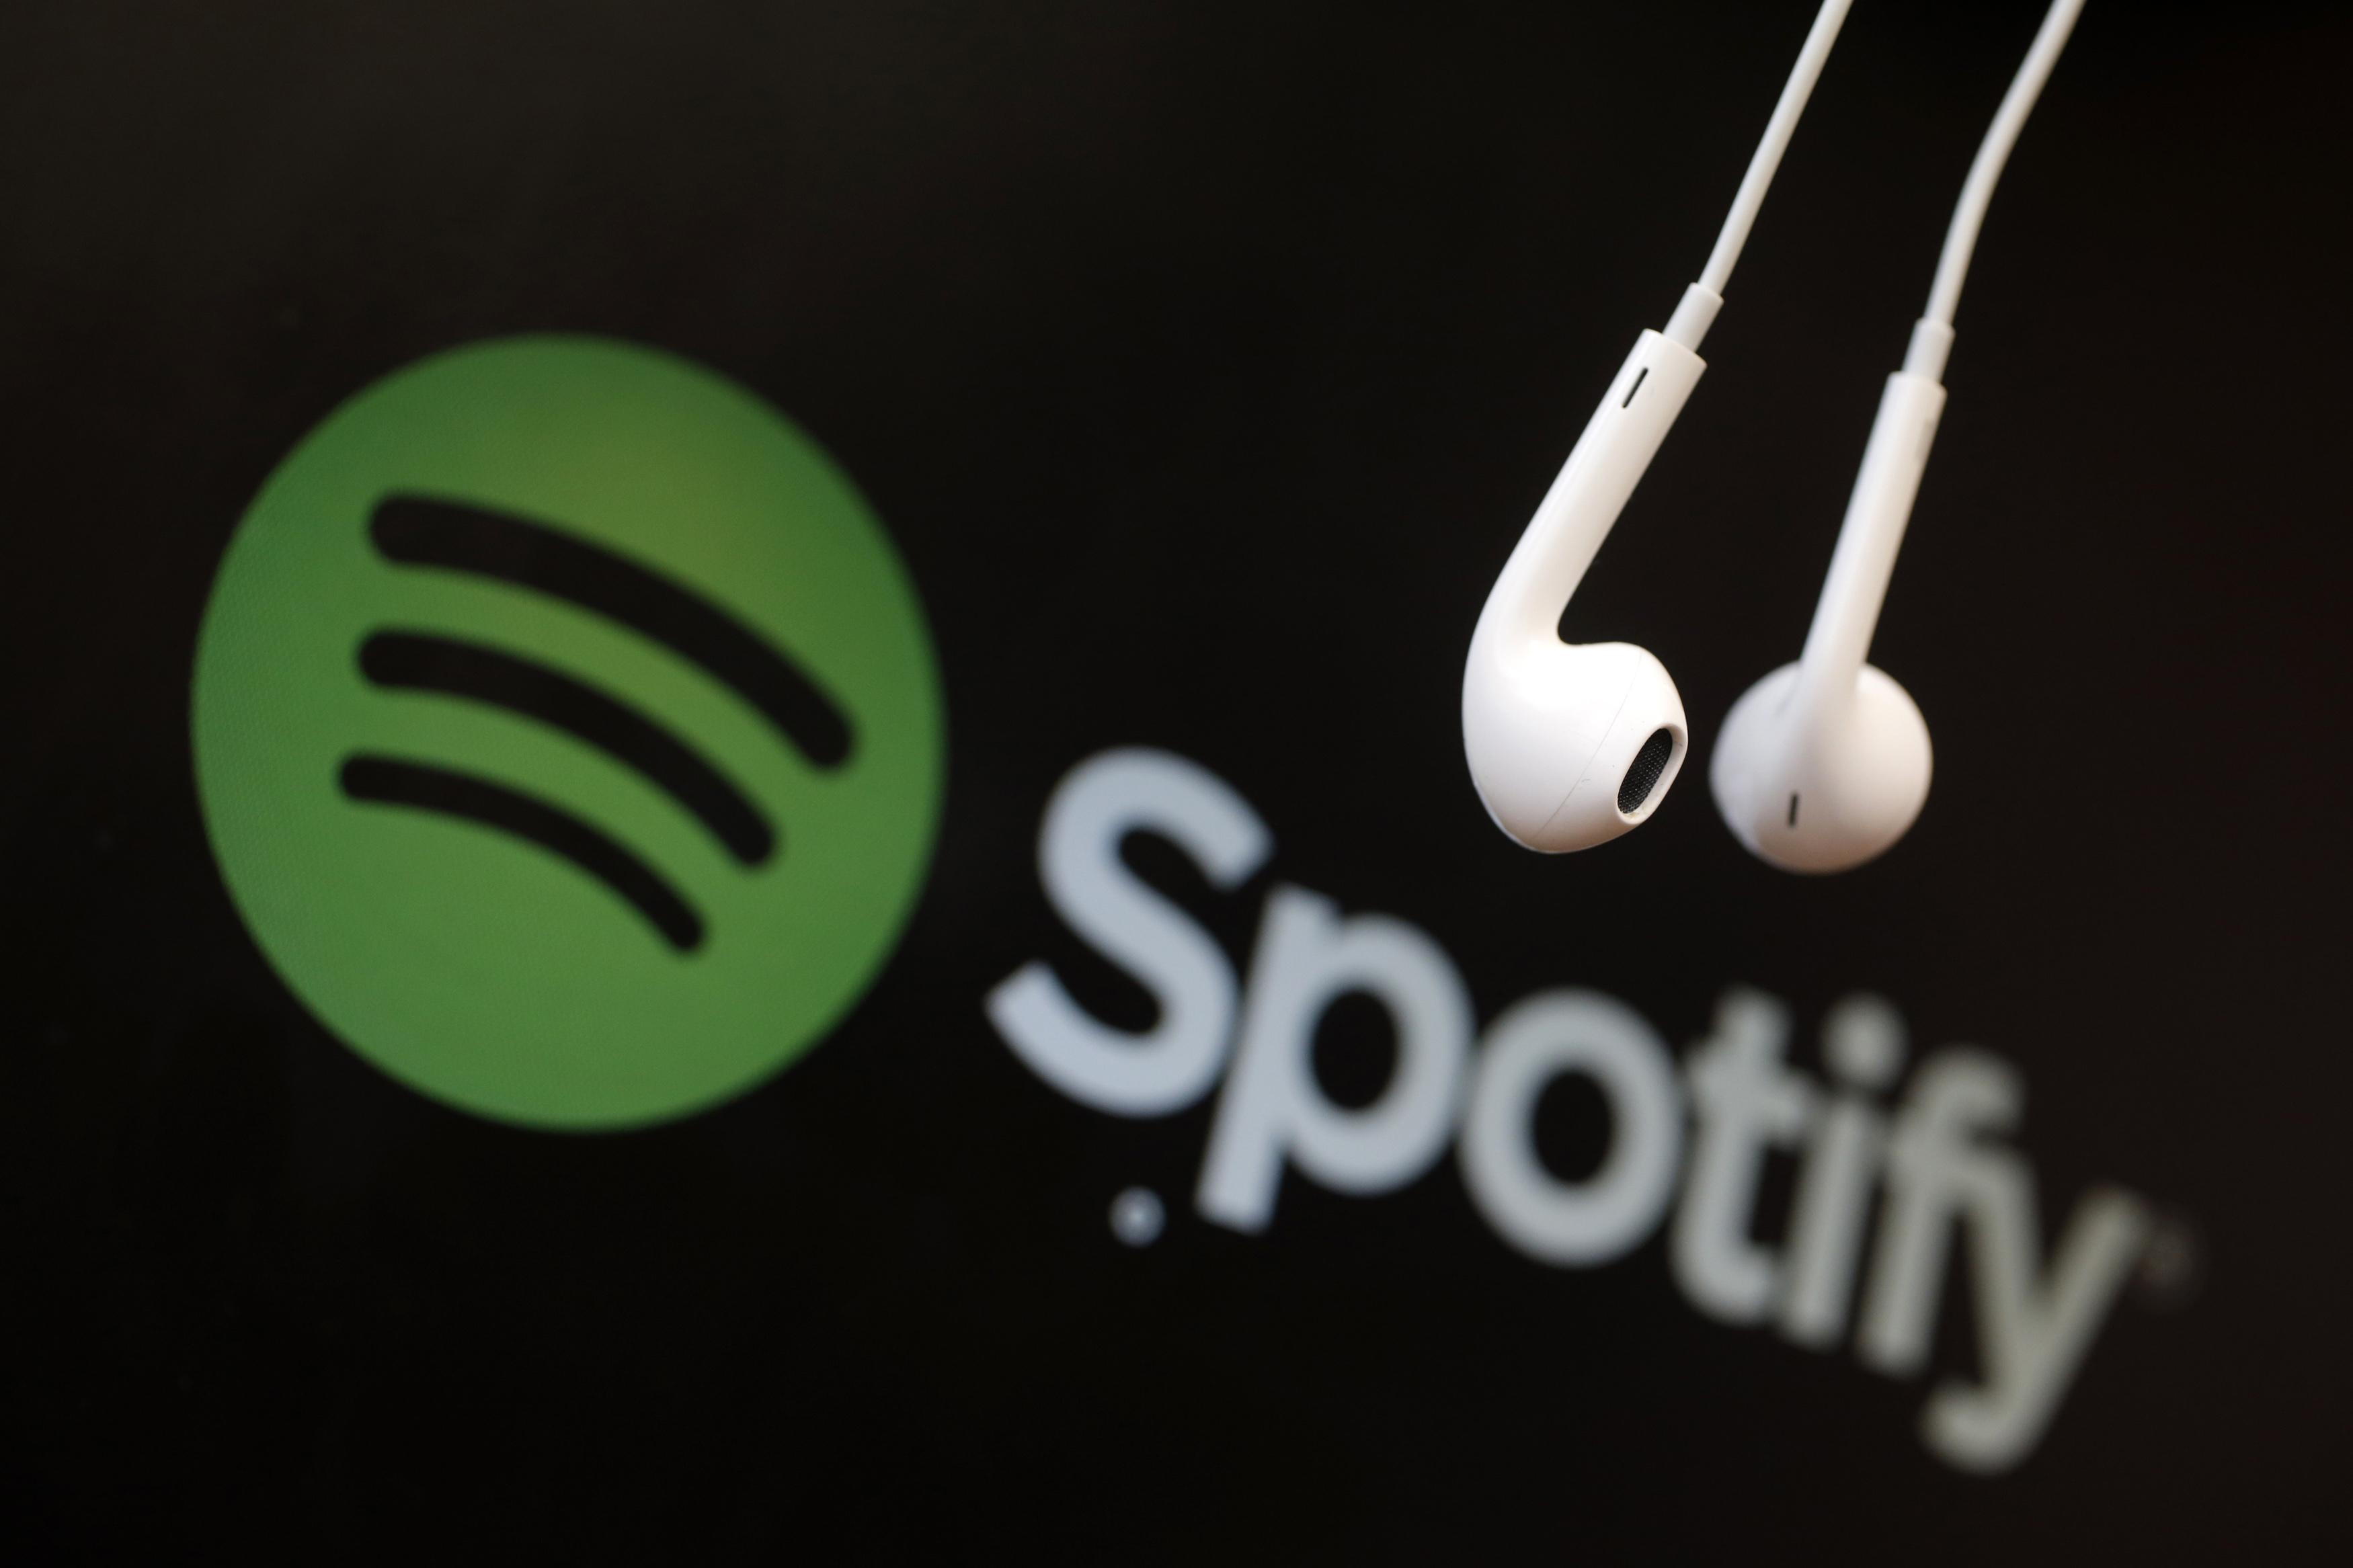 spotify Cydia : Brightify, un thème clair pour Spotify